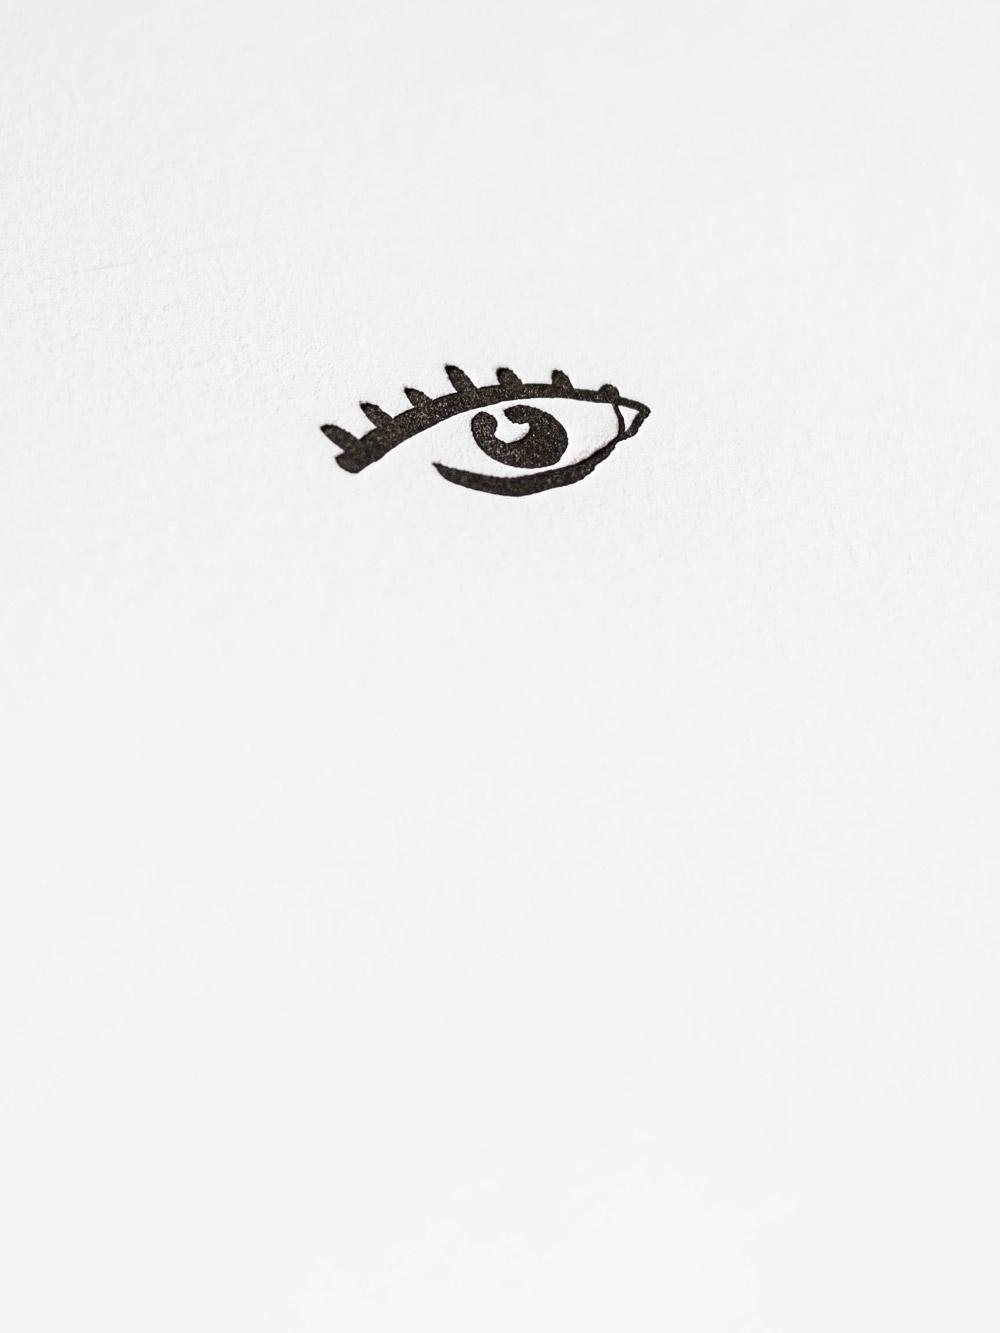 fp033-icon-eye-a.jpg